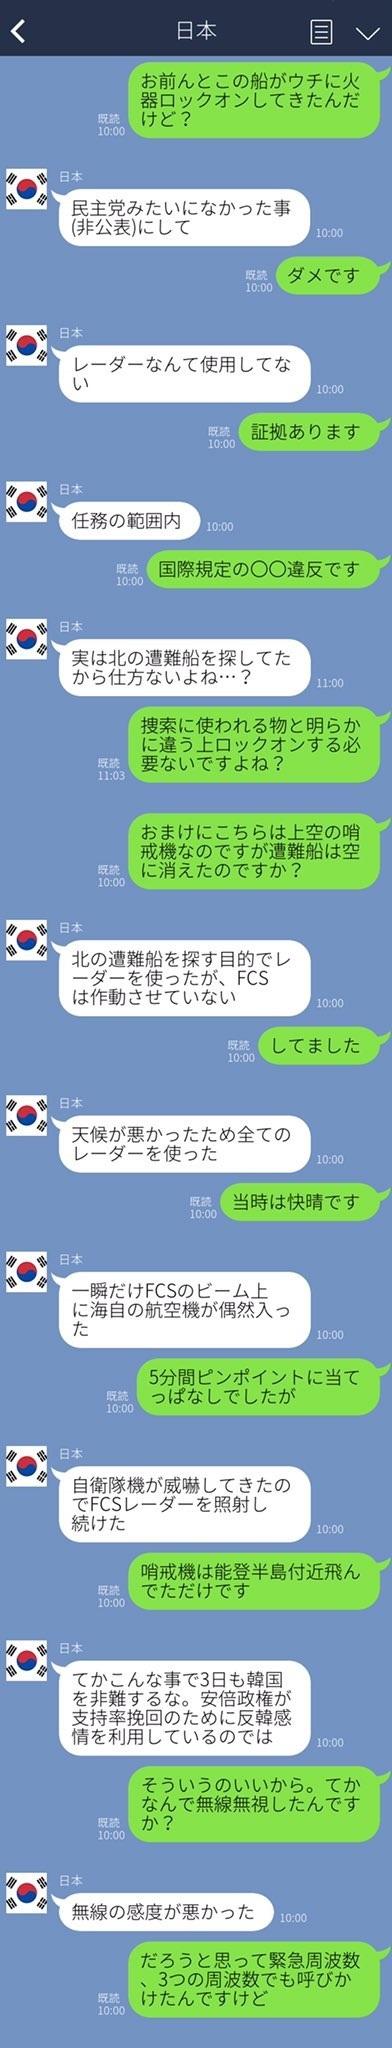 韓国と日本のラインやり取り